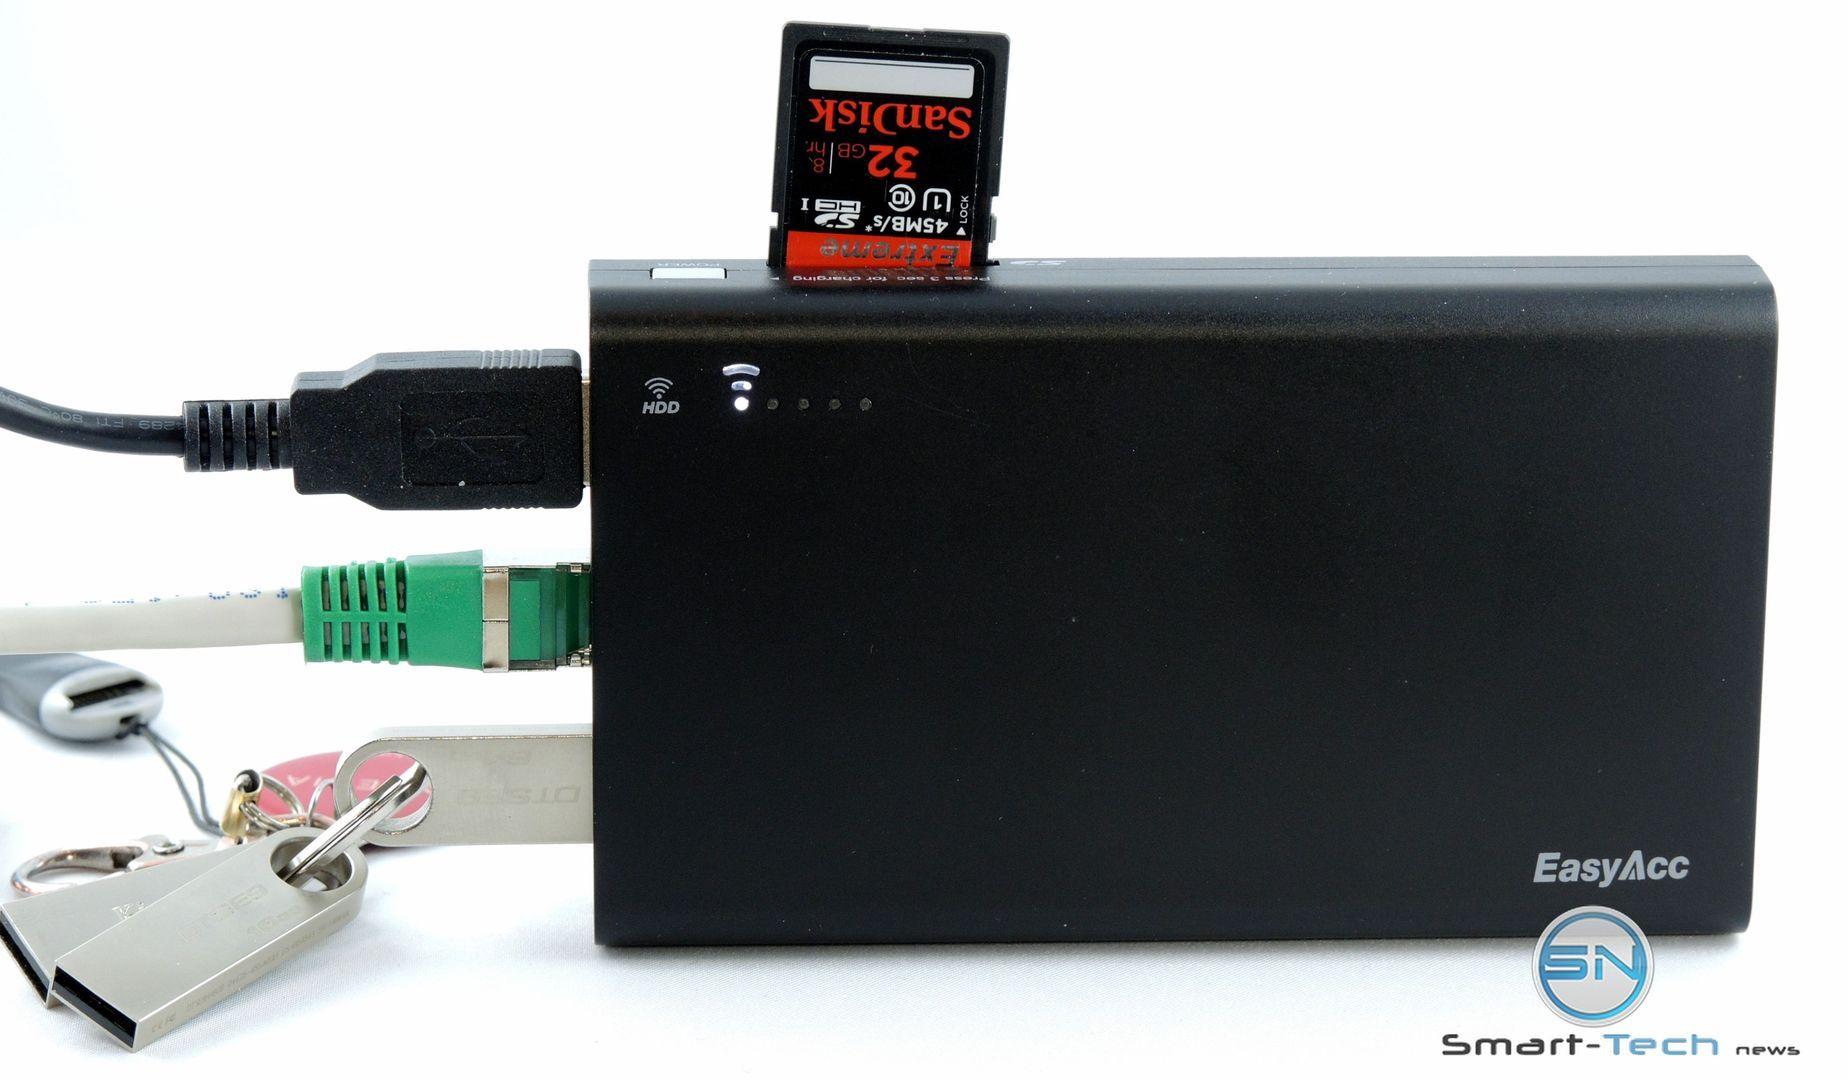 EasyAcc PowerBank – 5in1 WLan, SD, Akku, USB, LAN